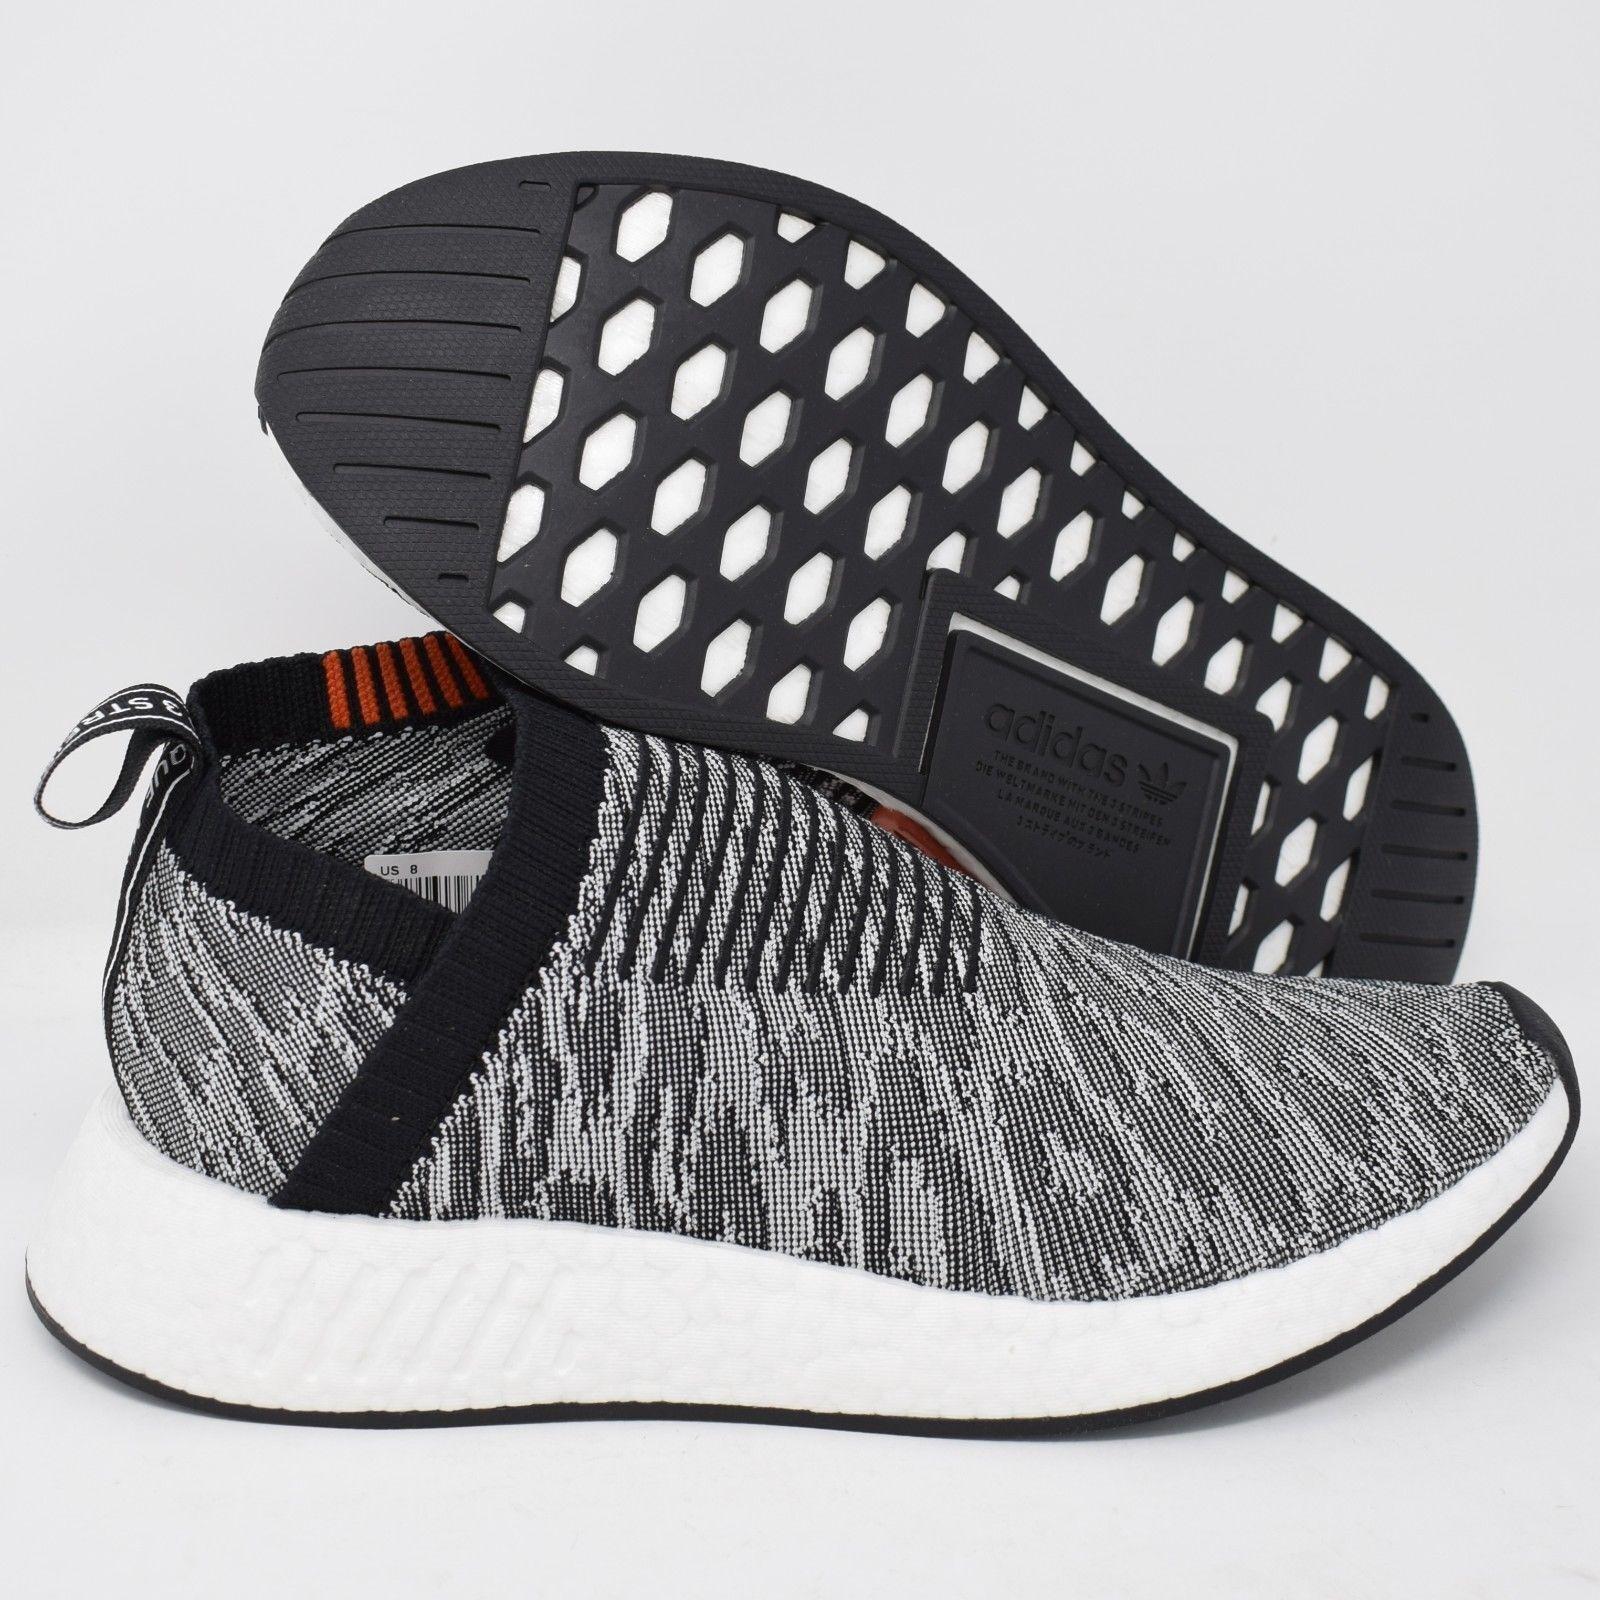 Adidas NMD_CS2 PK BZ0515 Mens Shoes Primeknit Originals Black & White